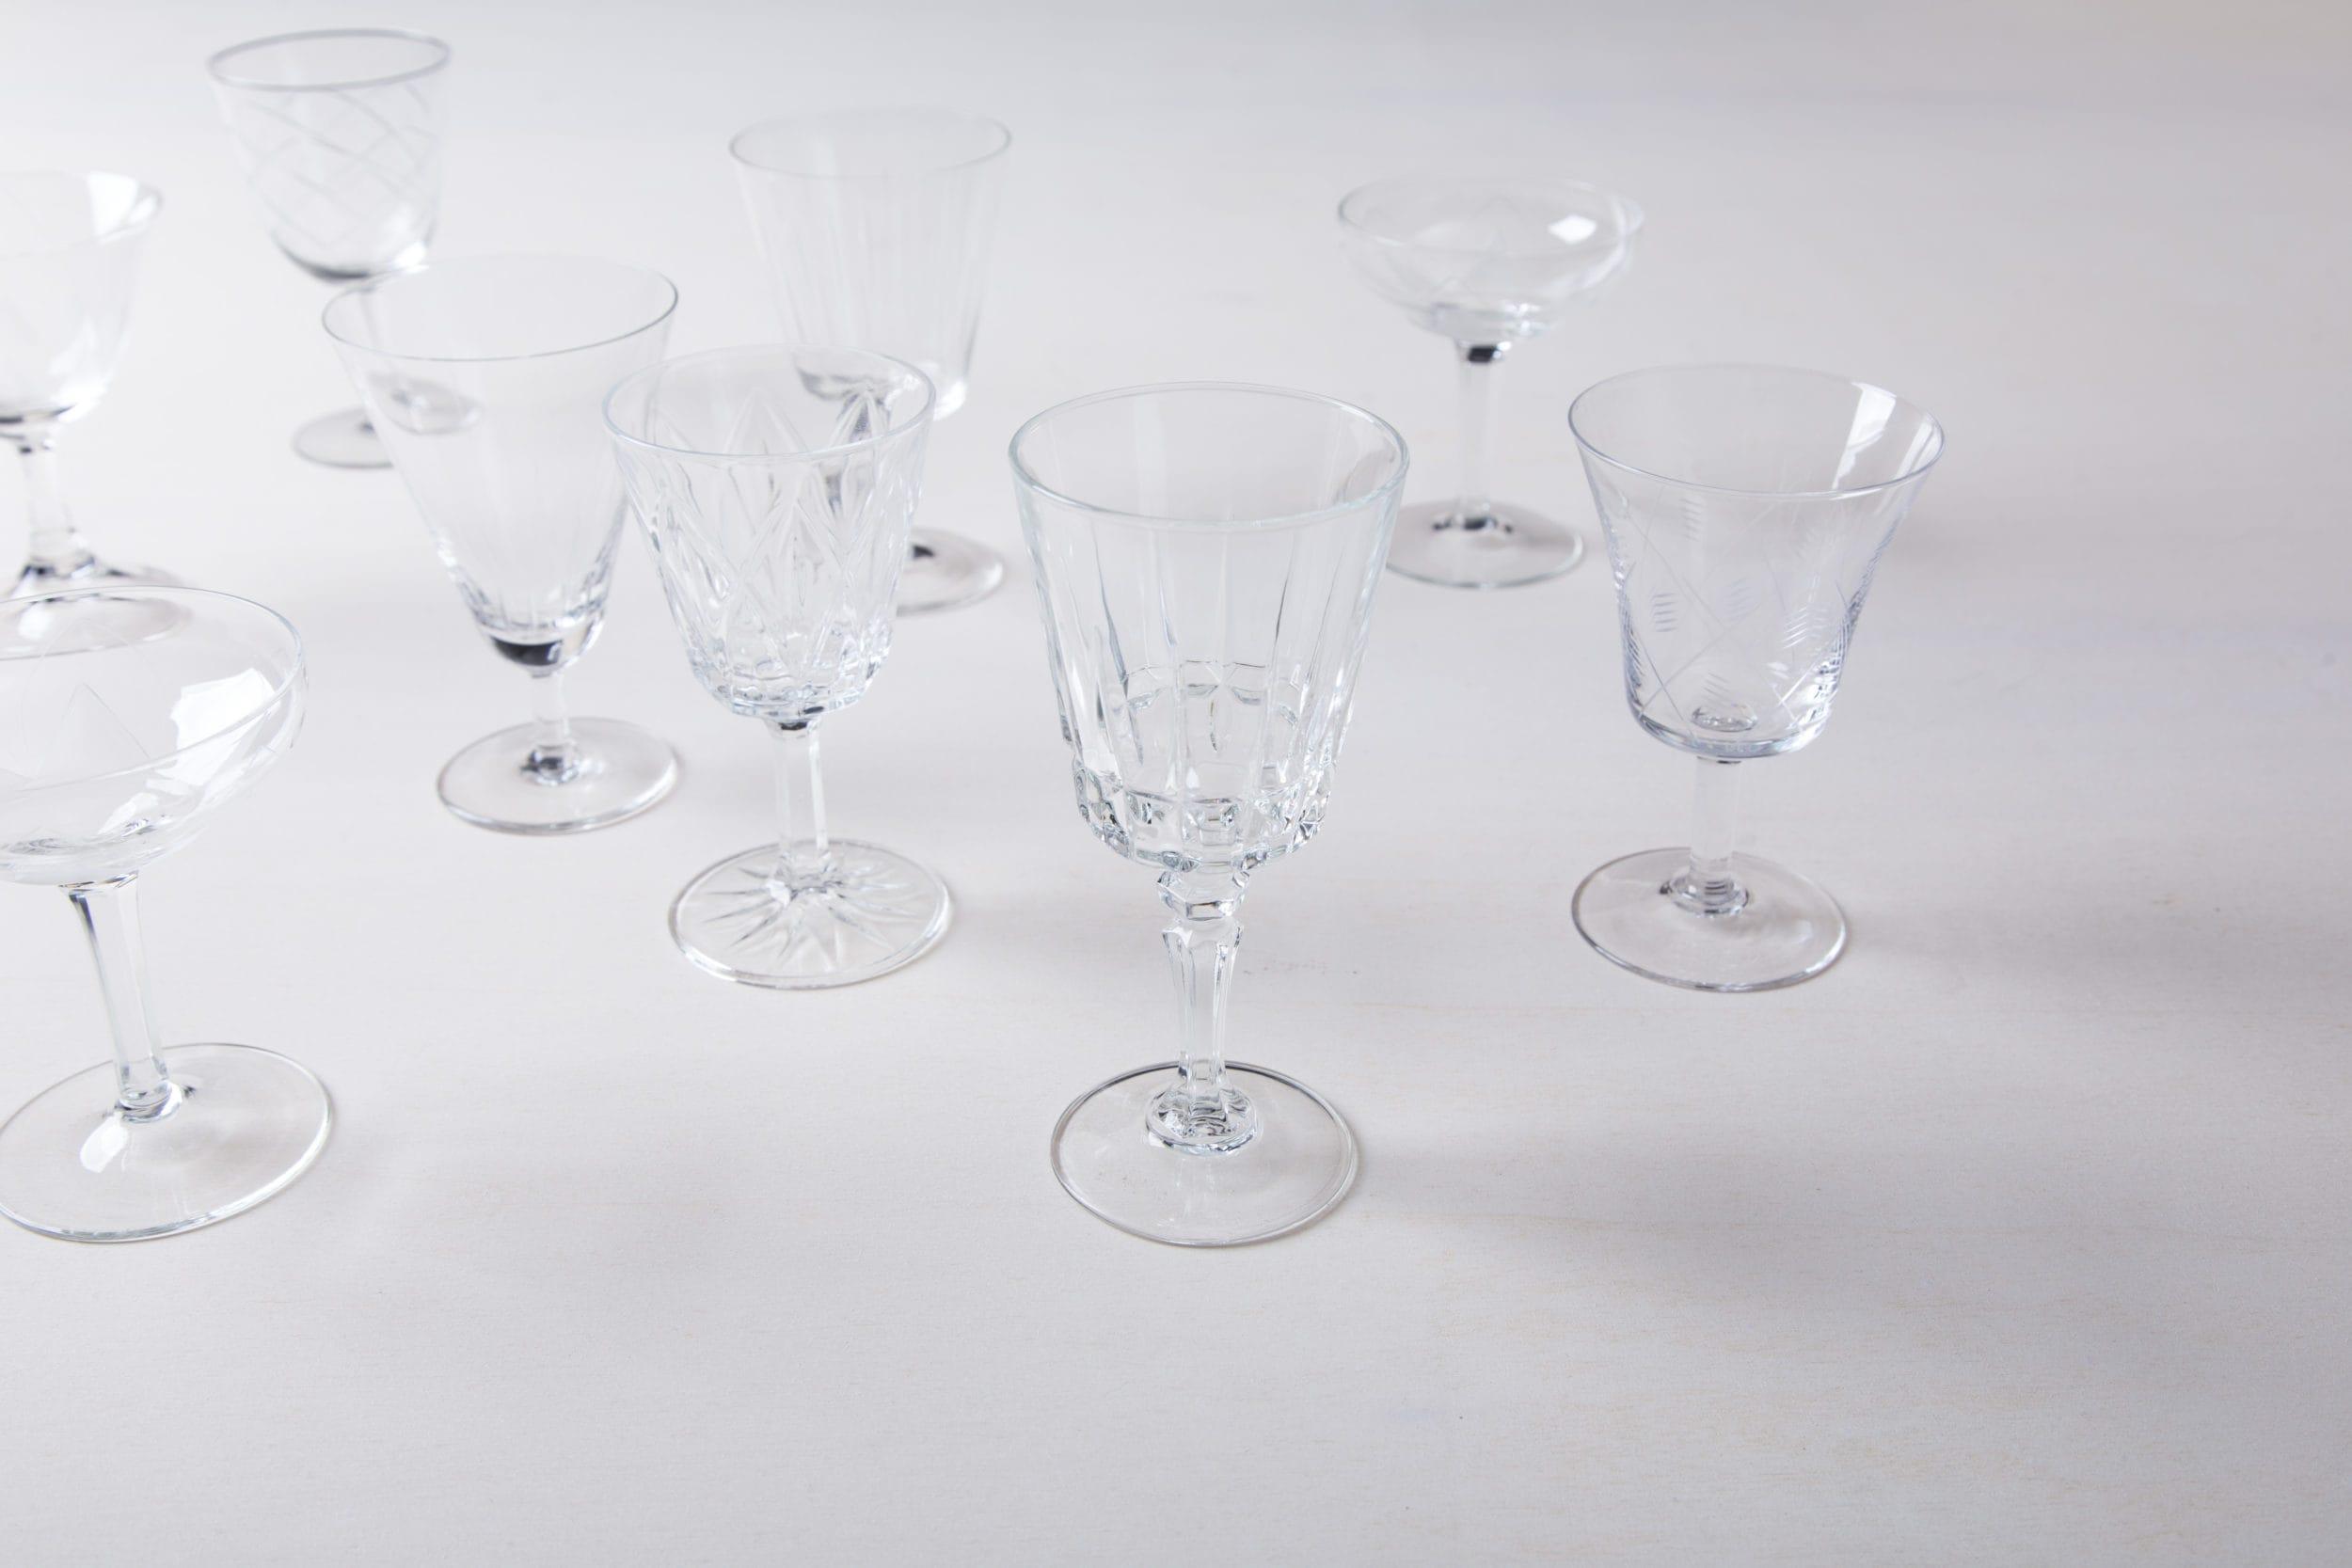 Verleih von Vintage Gläsern, Geschirr und Dekoration